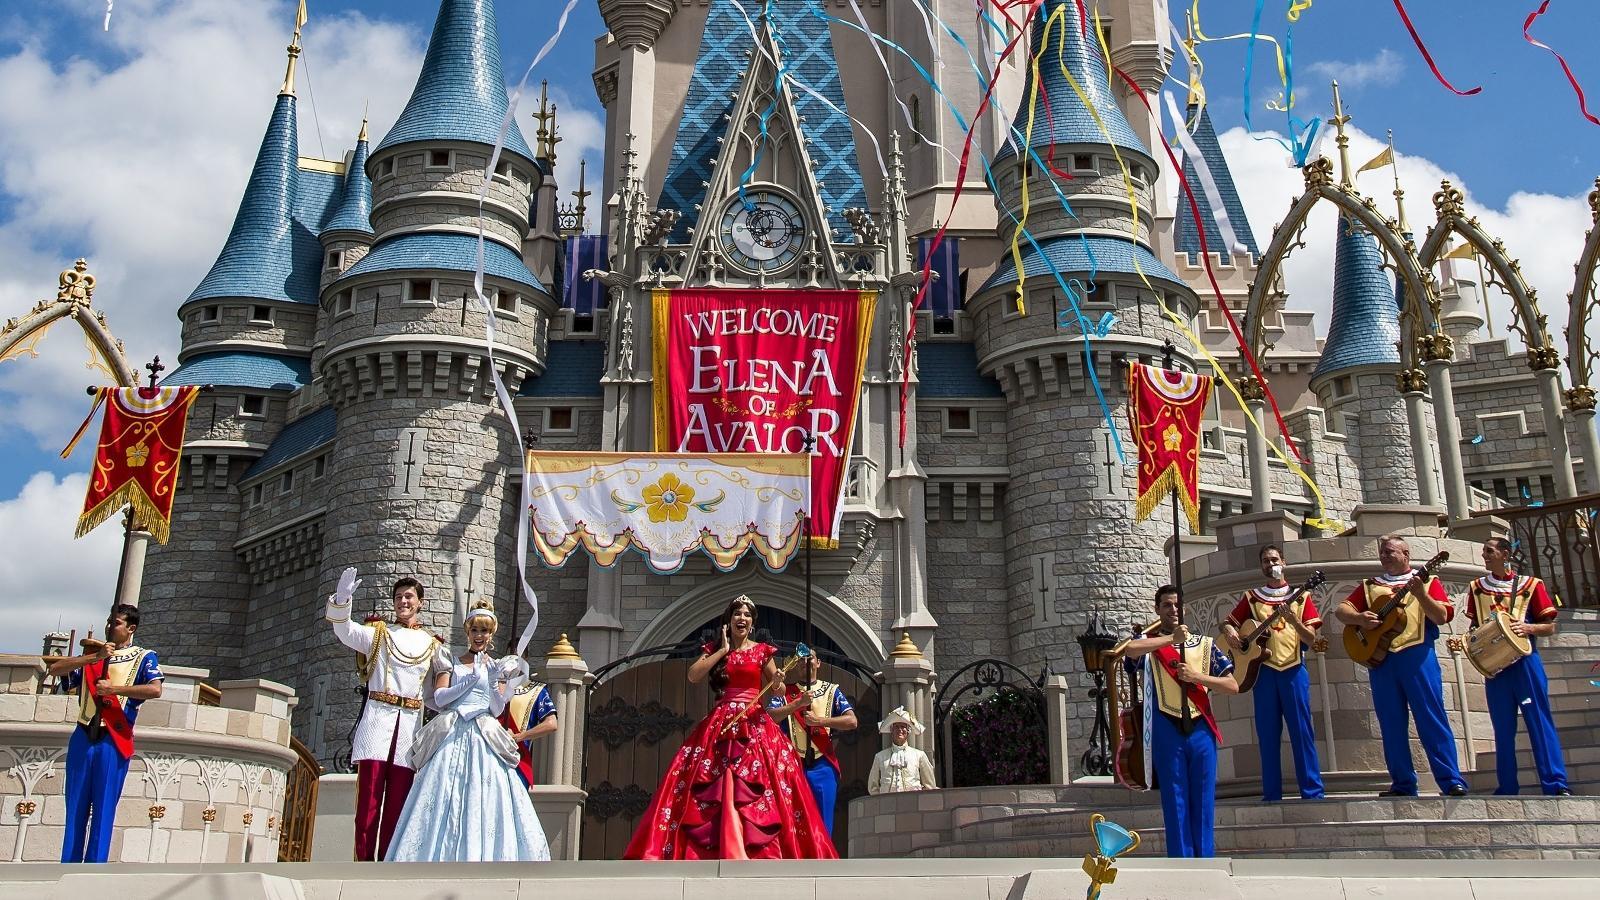 La nueva princesa latina de Disney llega a Magic Kingdom